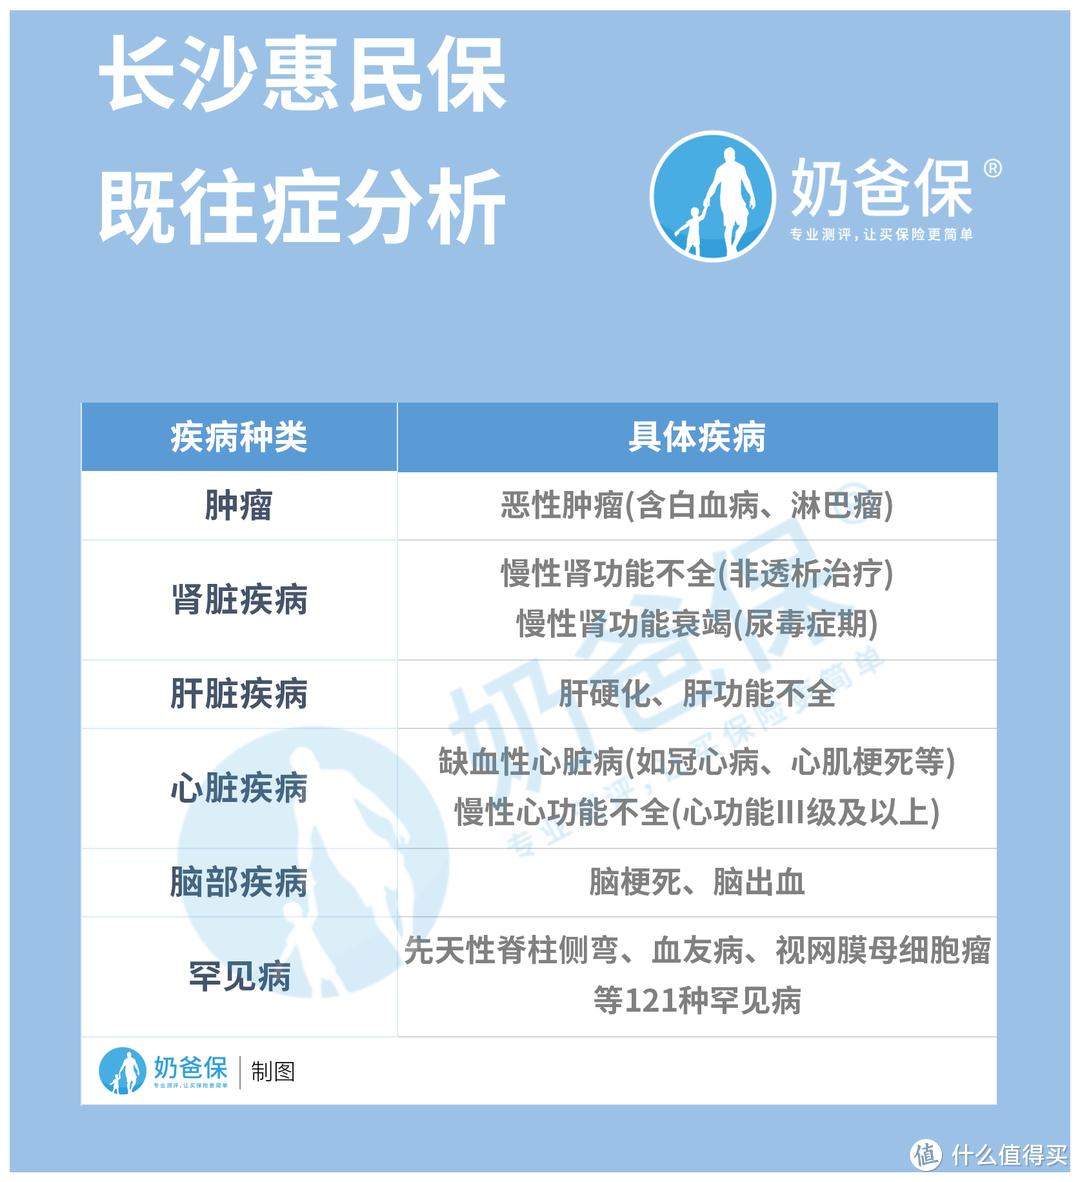 长沙惠民保怎么样,符合银保监会的要求吗?